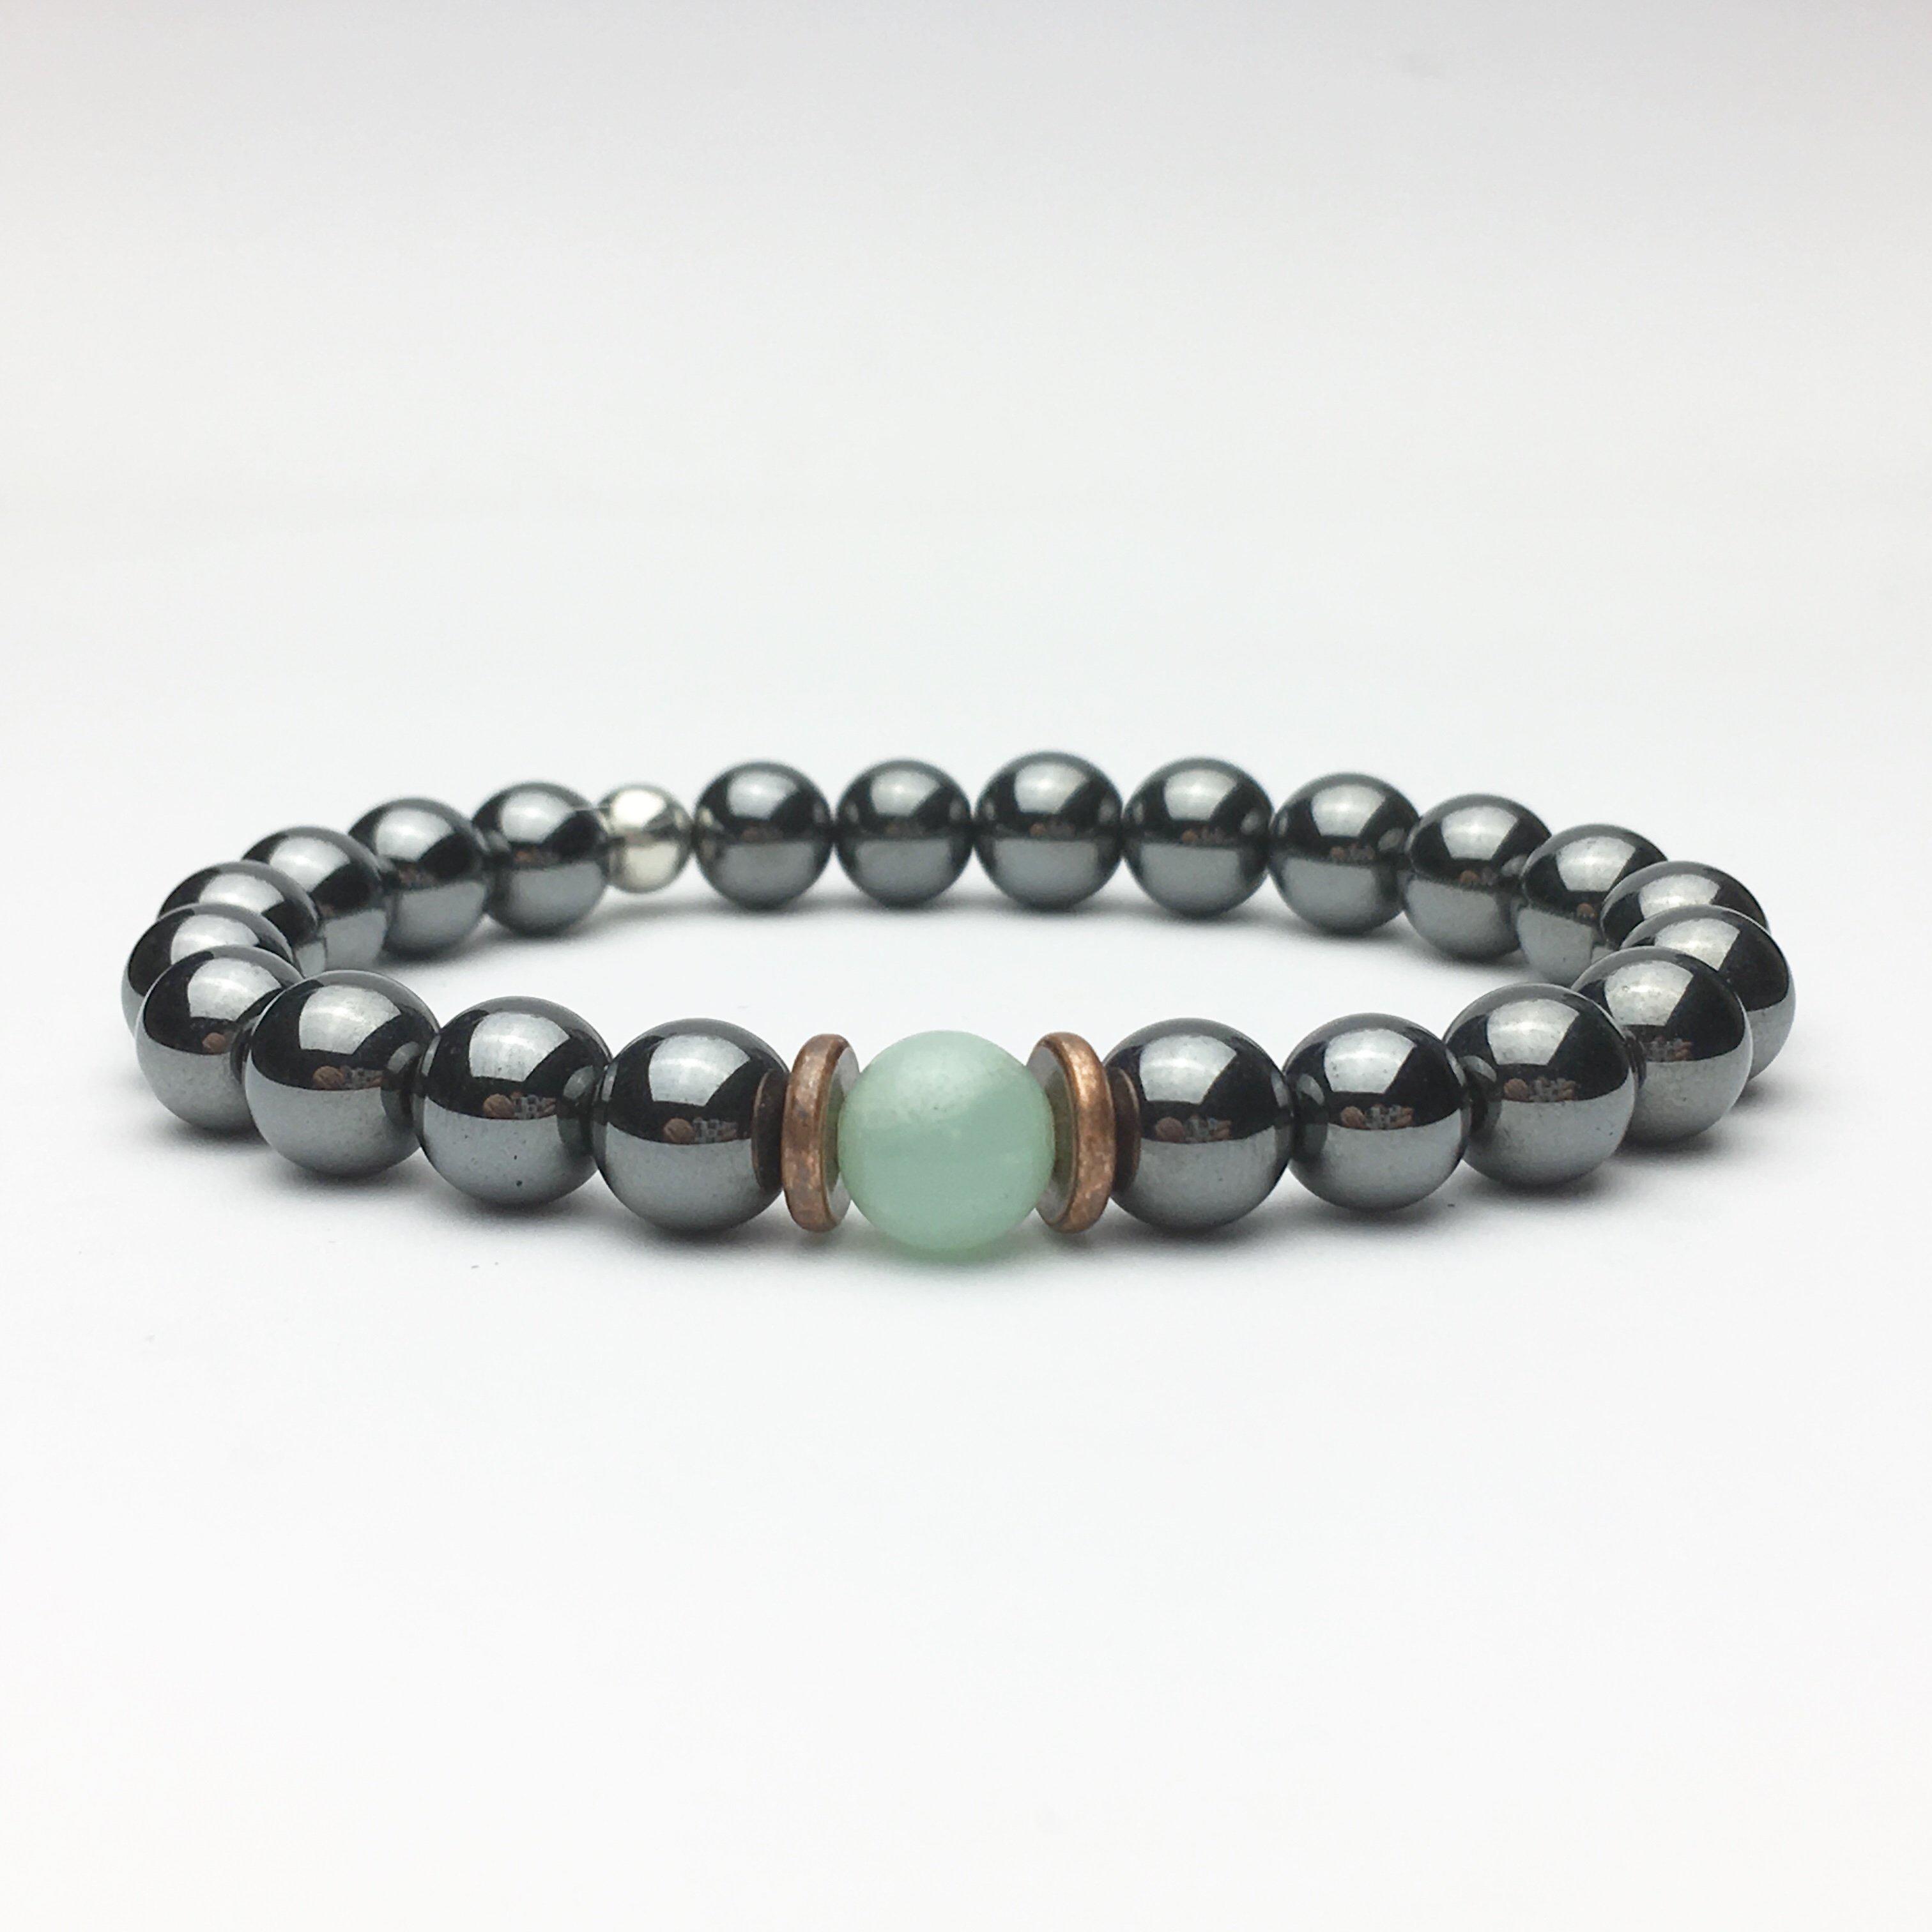 Amazonite and Hematite Beaded Bracelet